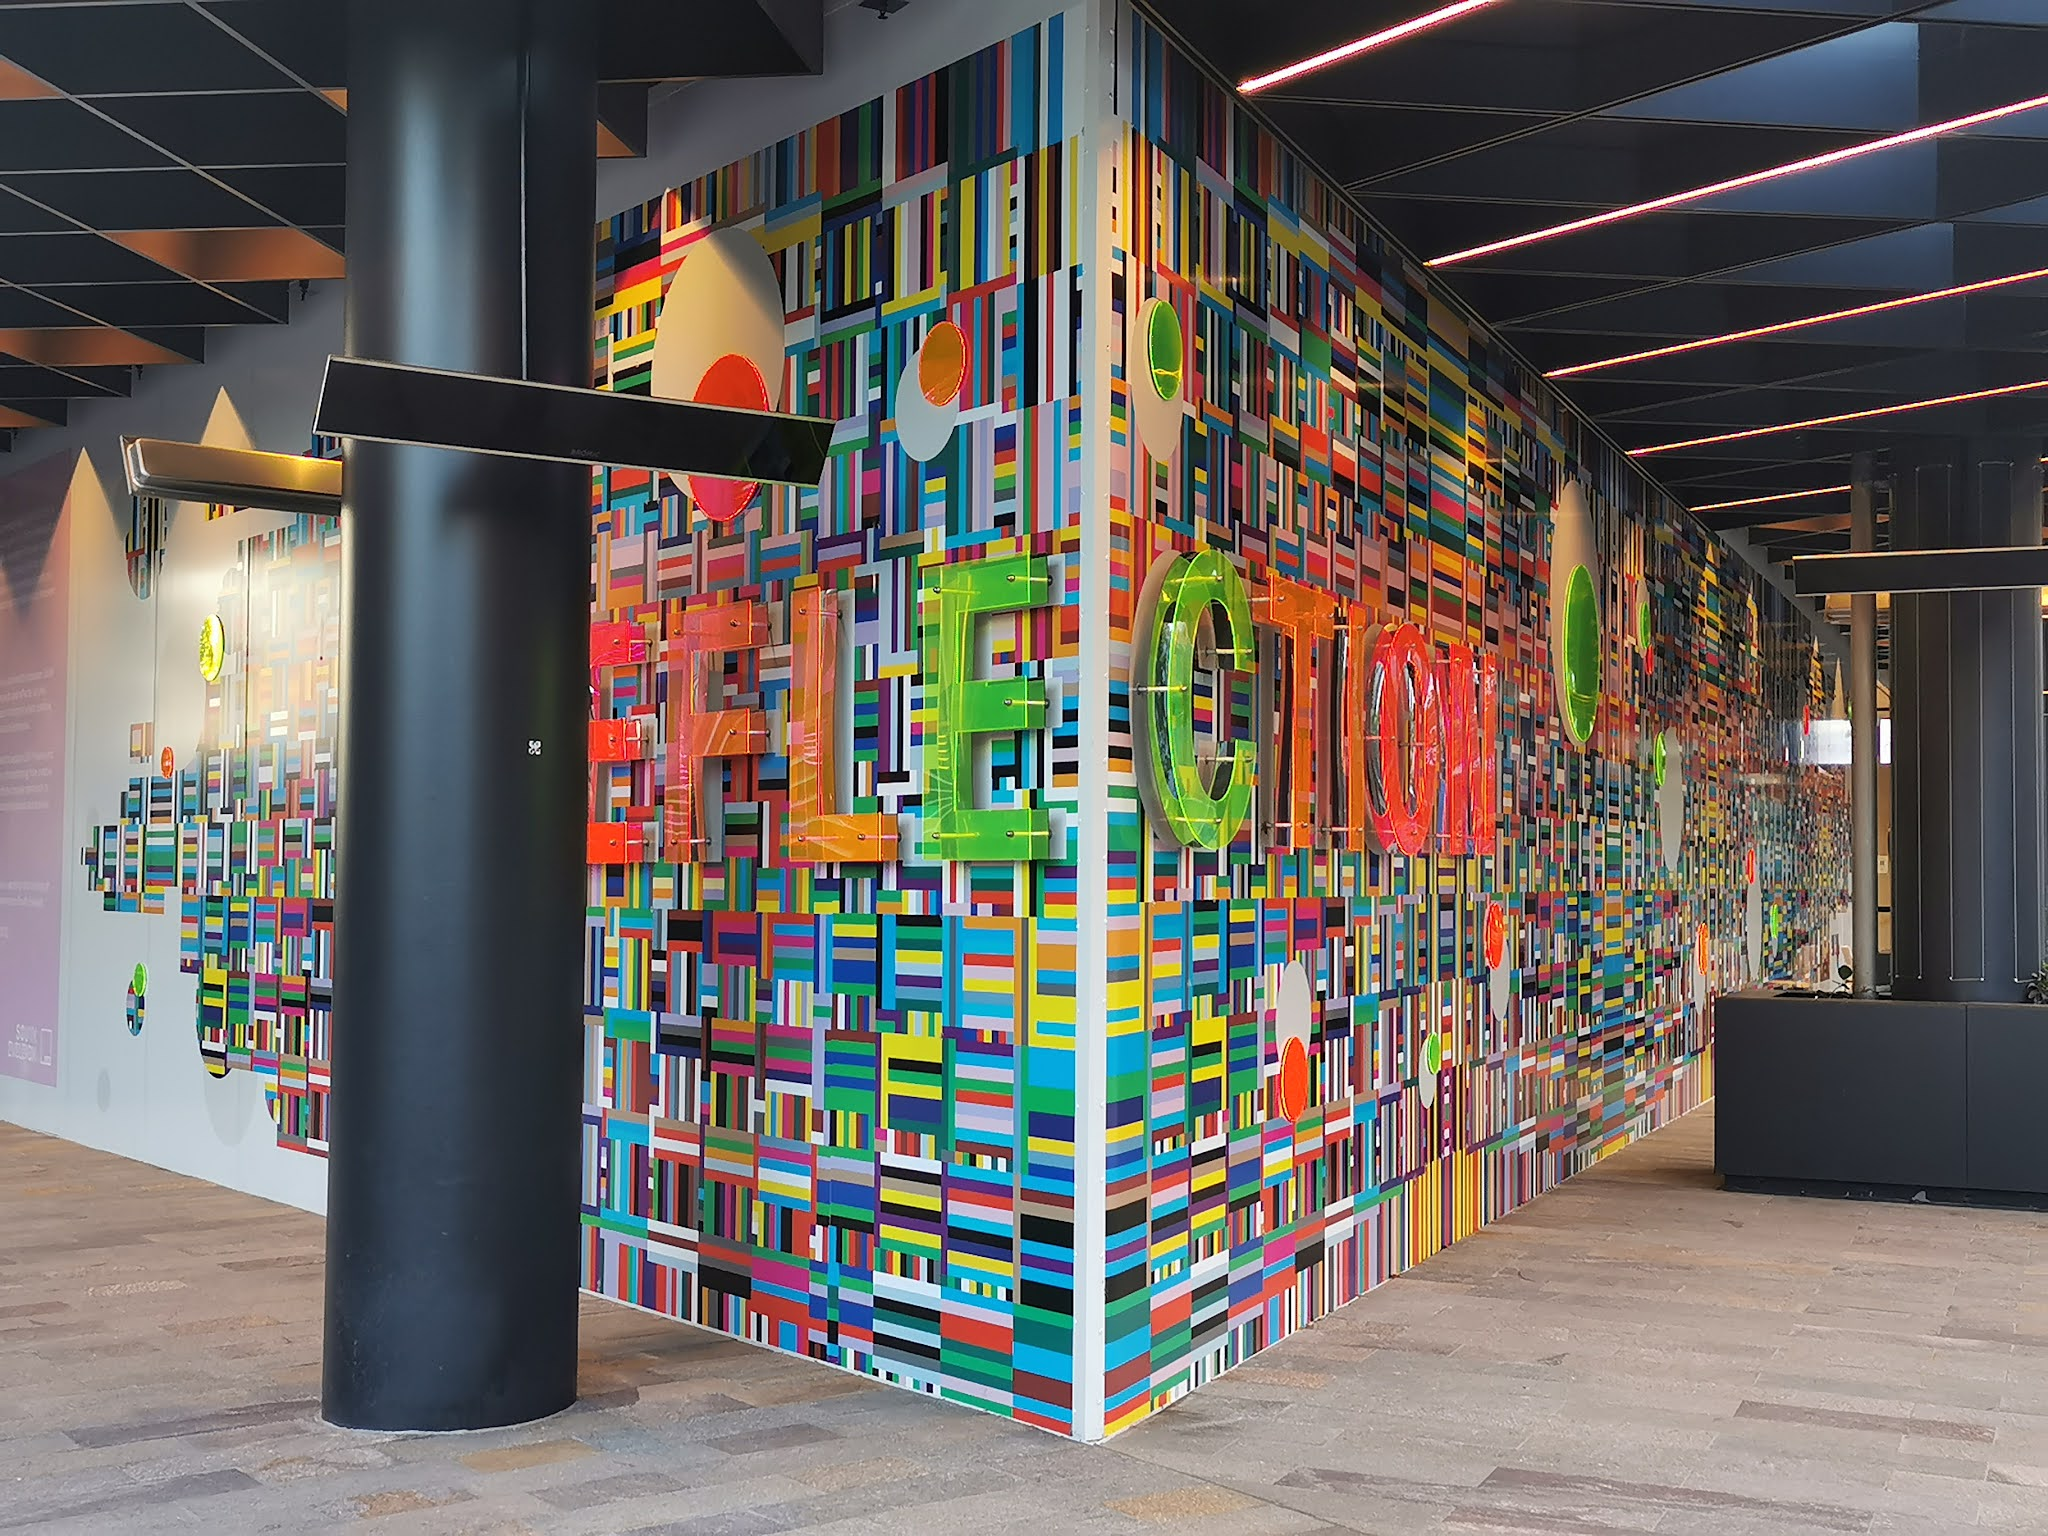 Eveleigh Public Art   'Chaorder' by Beth Radford